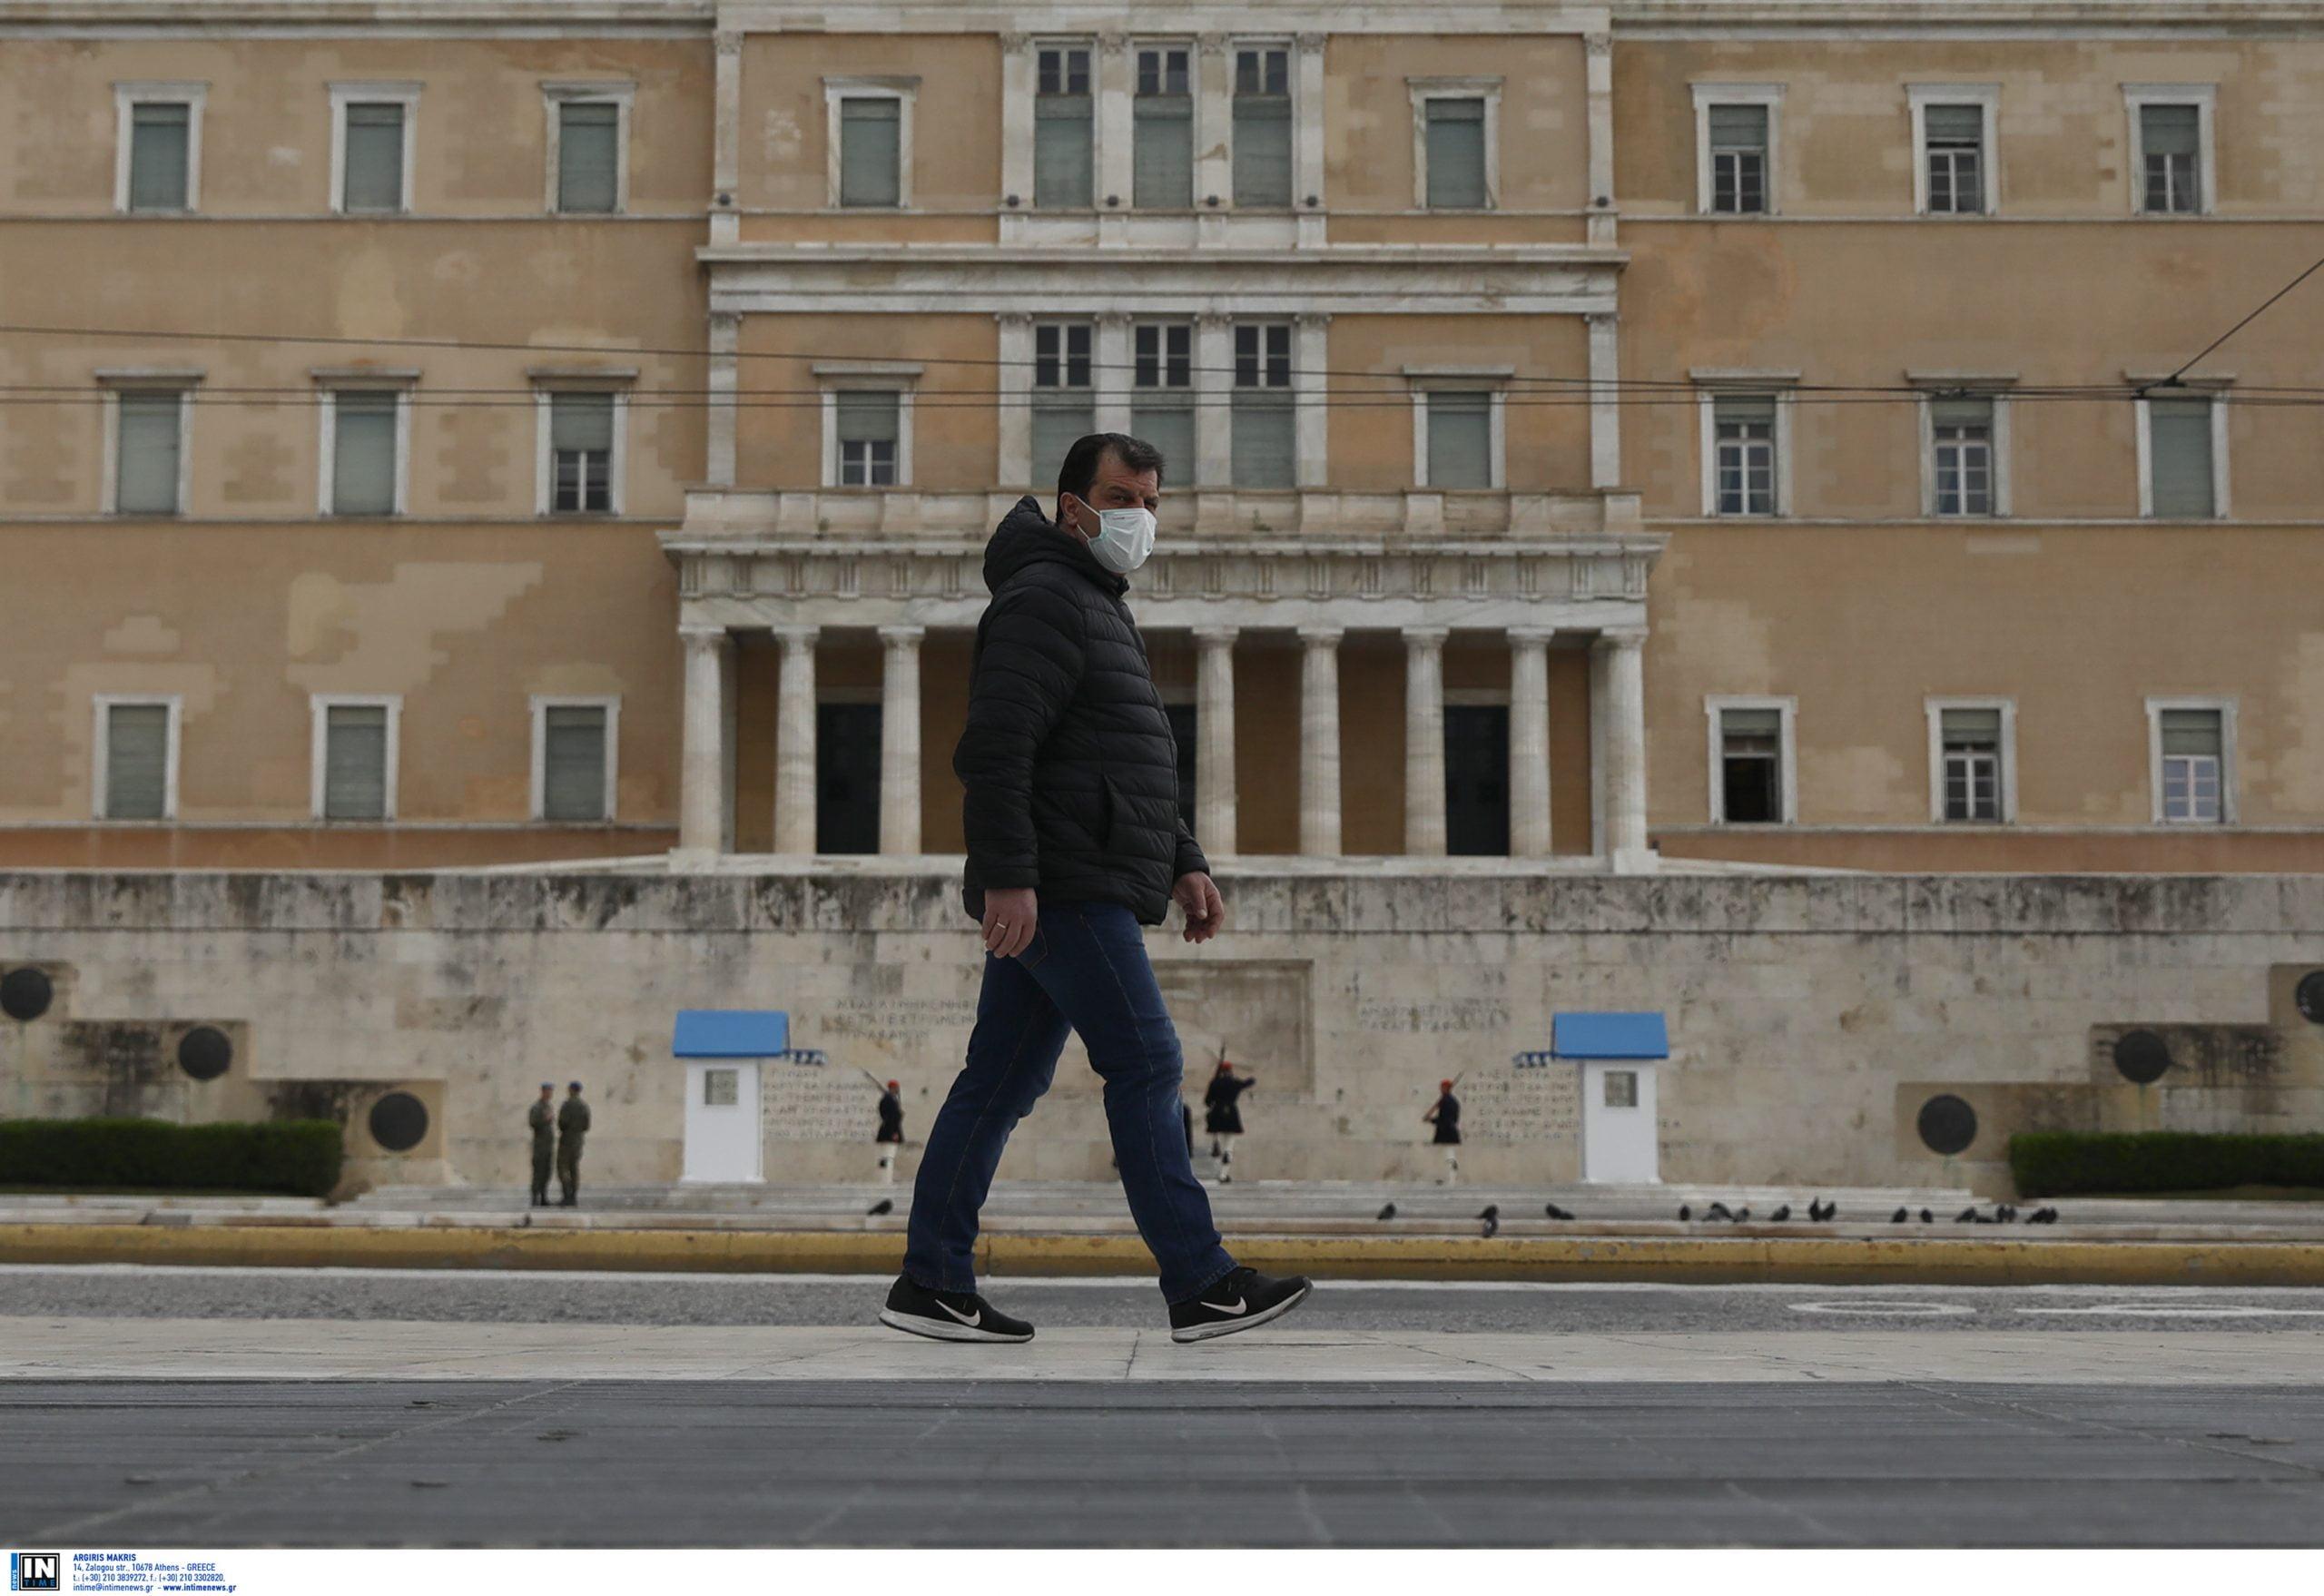 27 οι νεκροί στην Ελλάδα – Αυξάνονται τα κρούσματα – Ανησυχία για τους θανάτους νέων